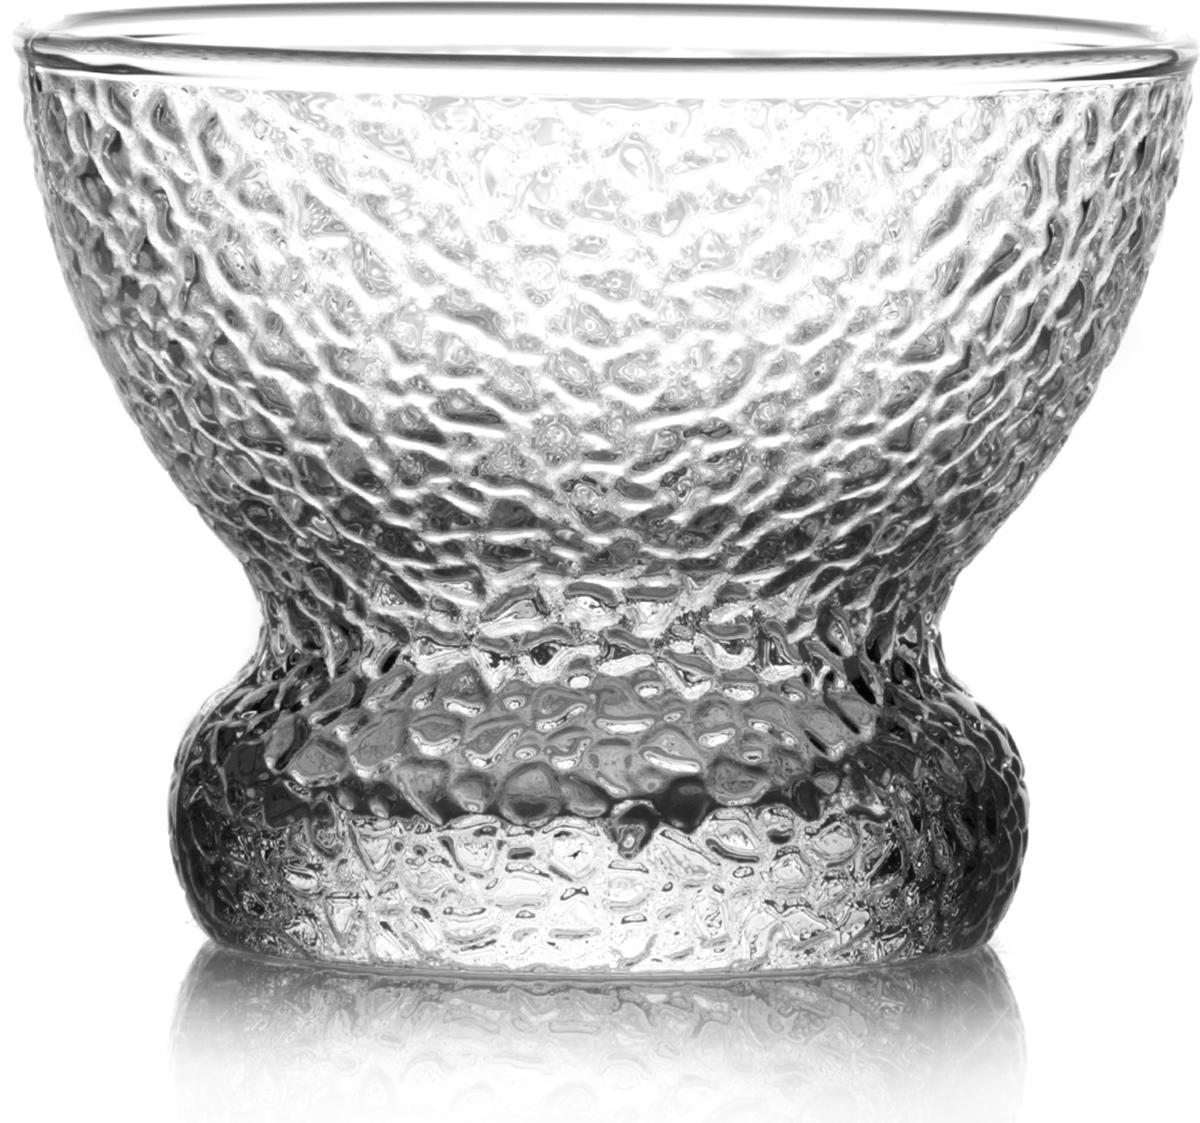 """Креманка Pasabahce """"Mosaic"""" изготовлена из стекла. Благодаря высокому уровню применяемых технологий изделие может использоваться на  протяжении многих лет, не утрачивая эстетической привлекательности и оставаясь функциональными и современными. Высота: 90 мм. Объем: 310 мл. Комплектация: 2 шт."""